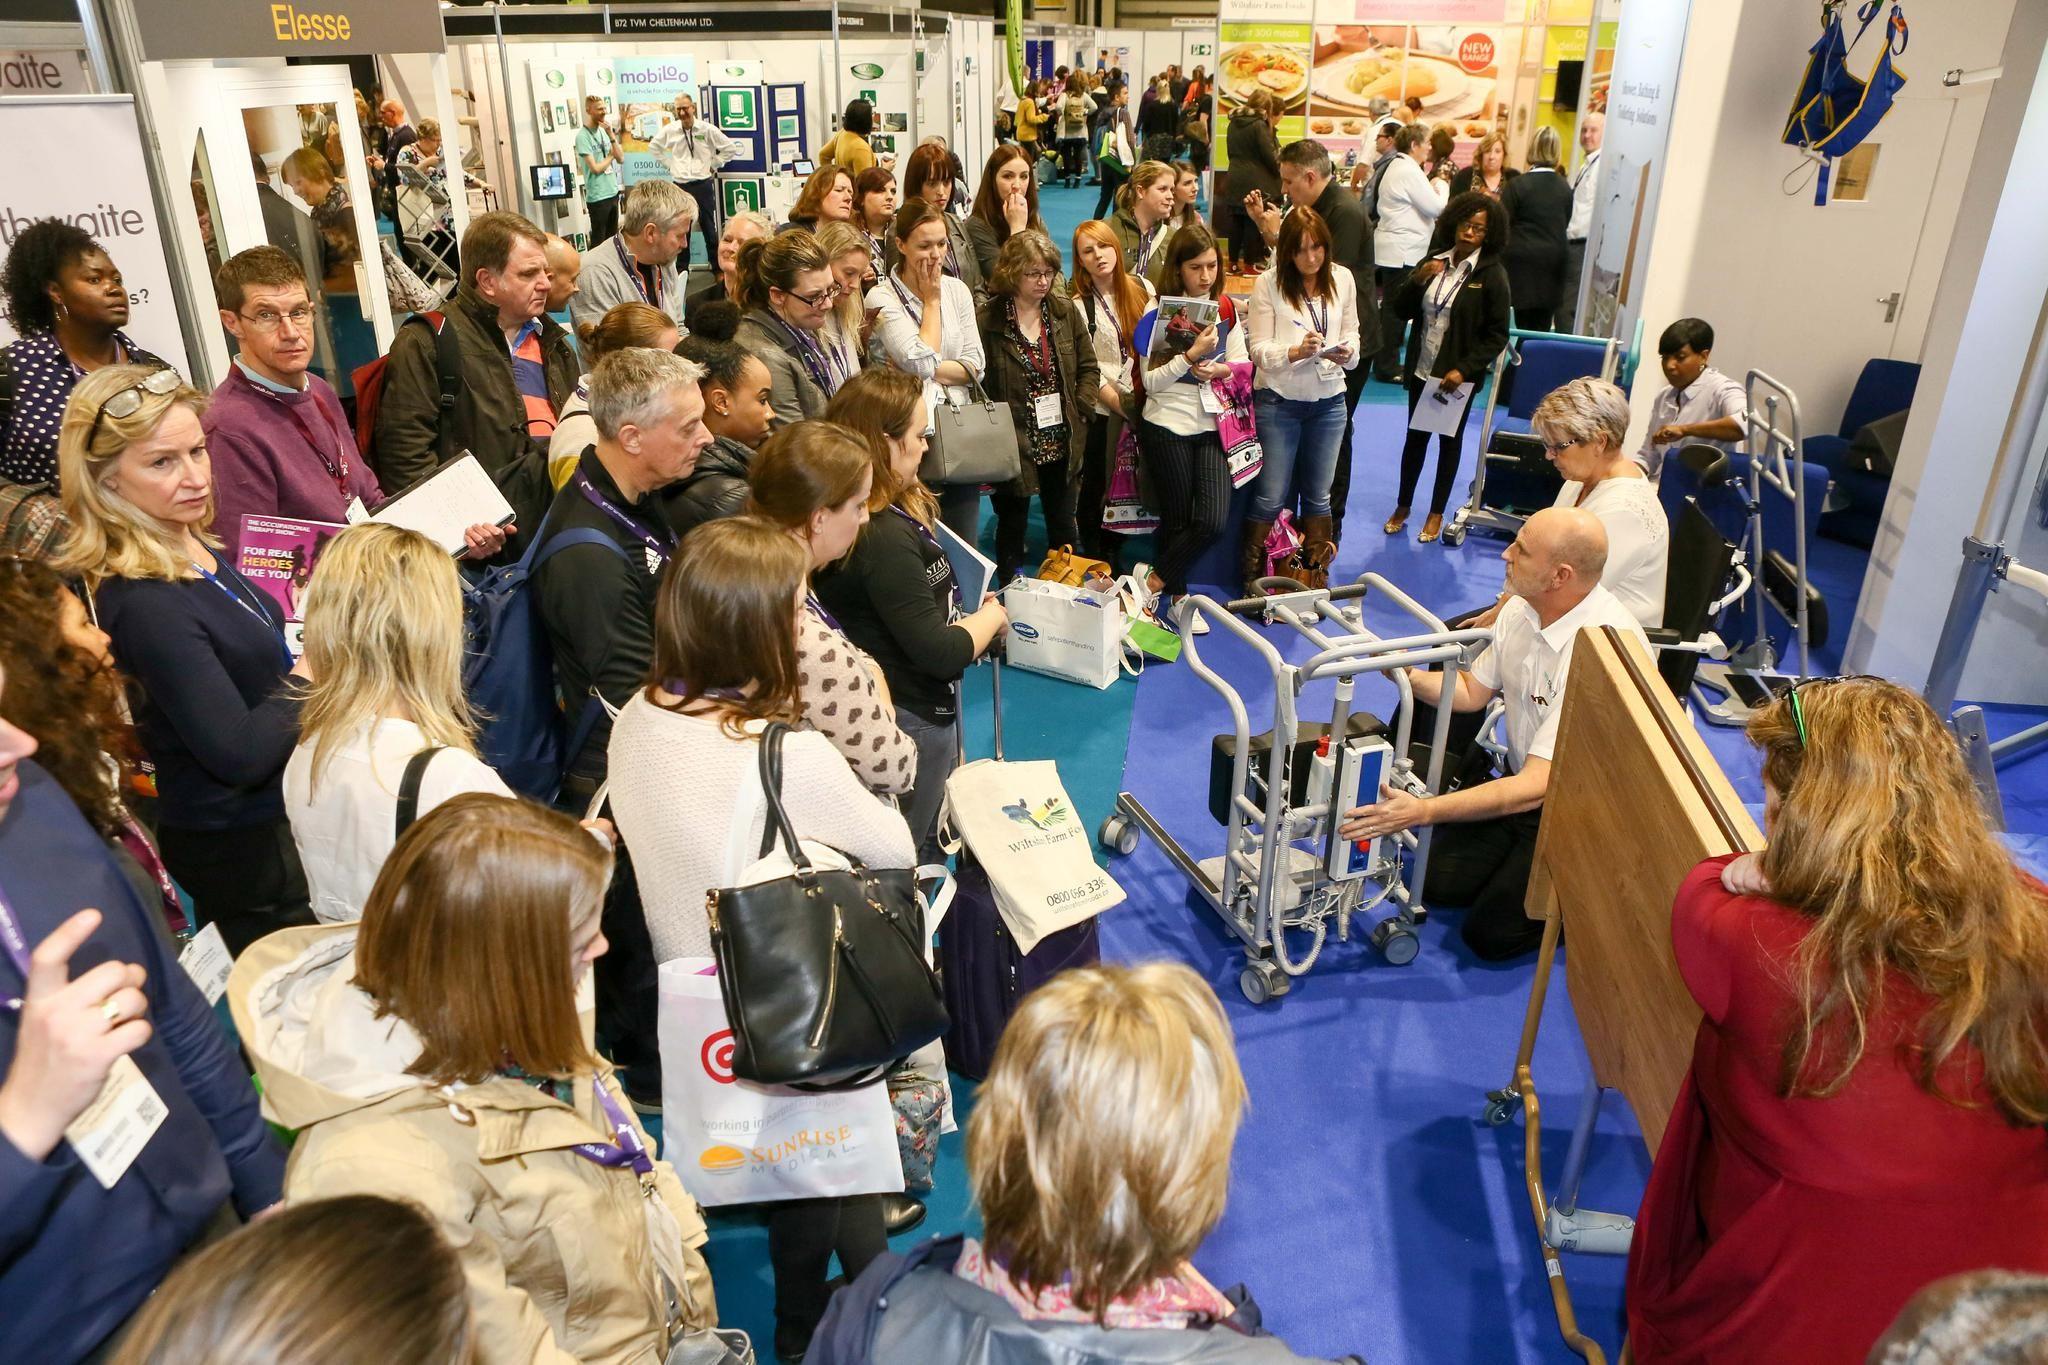 exhibitor image